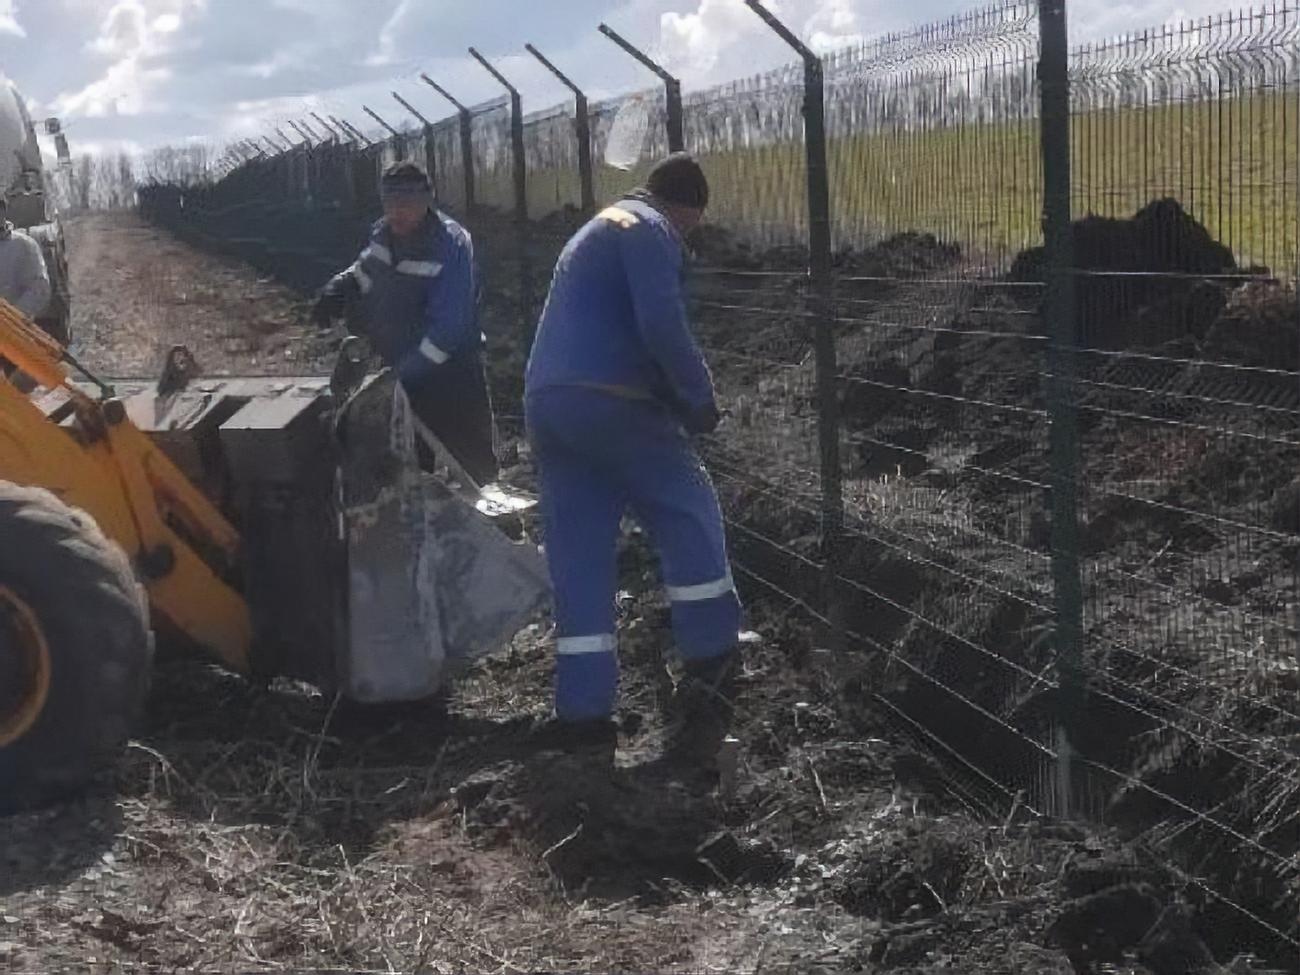 Проект 'Стена': Прокуроры САП передали в суд обвинительный акт по делу